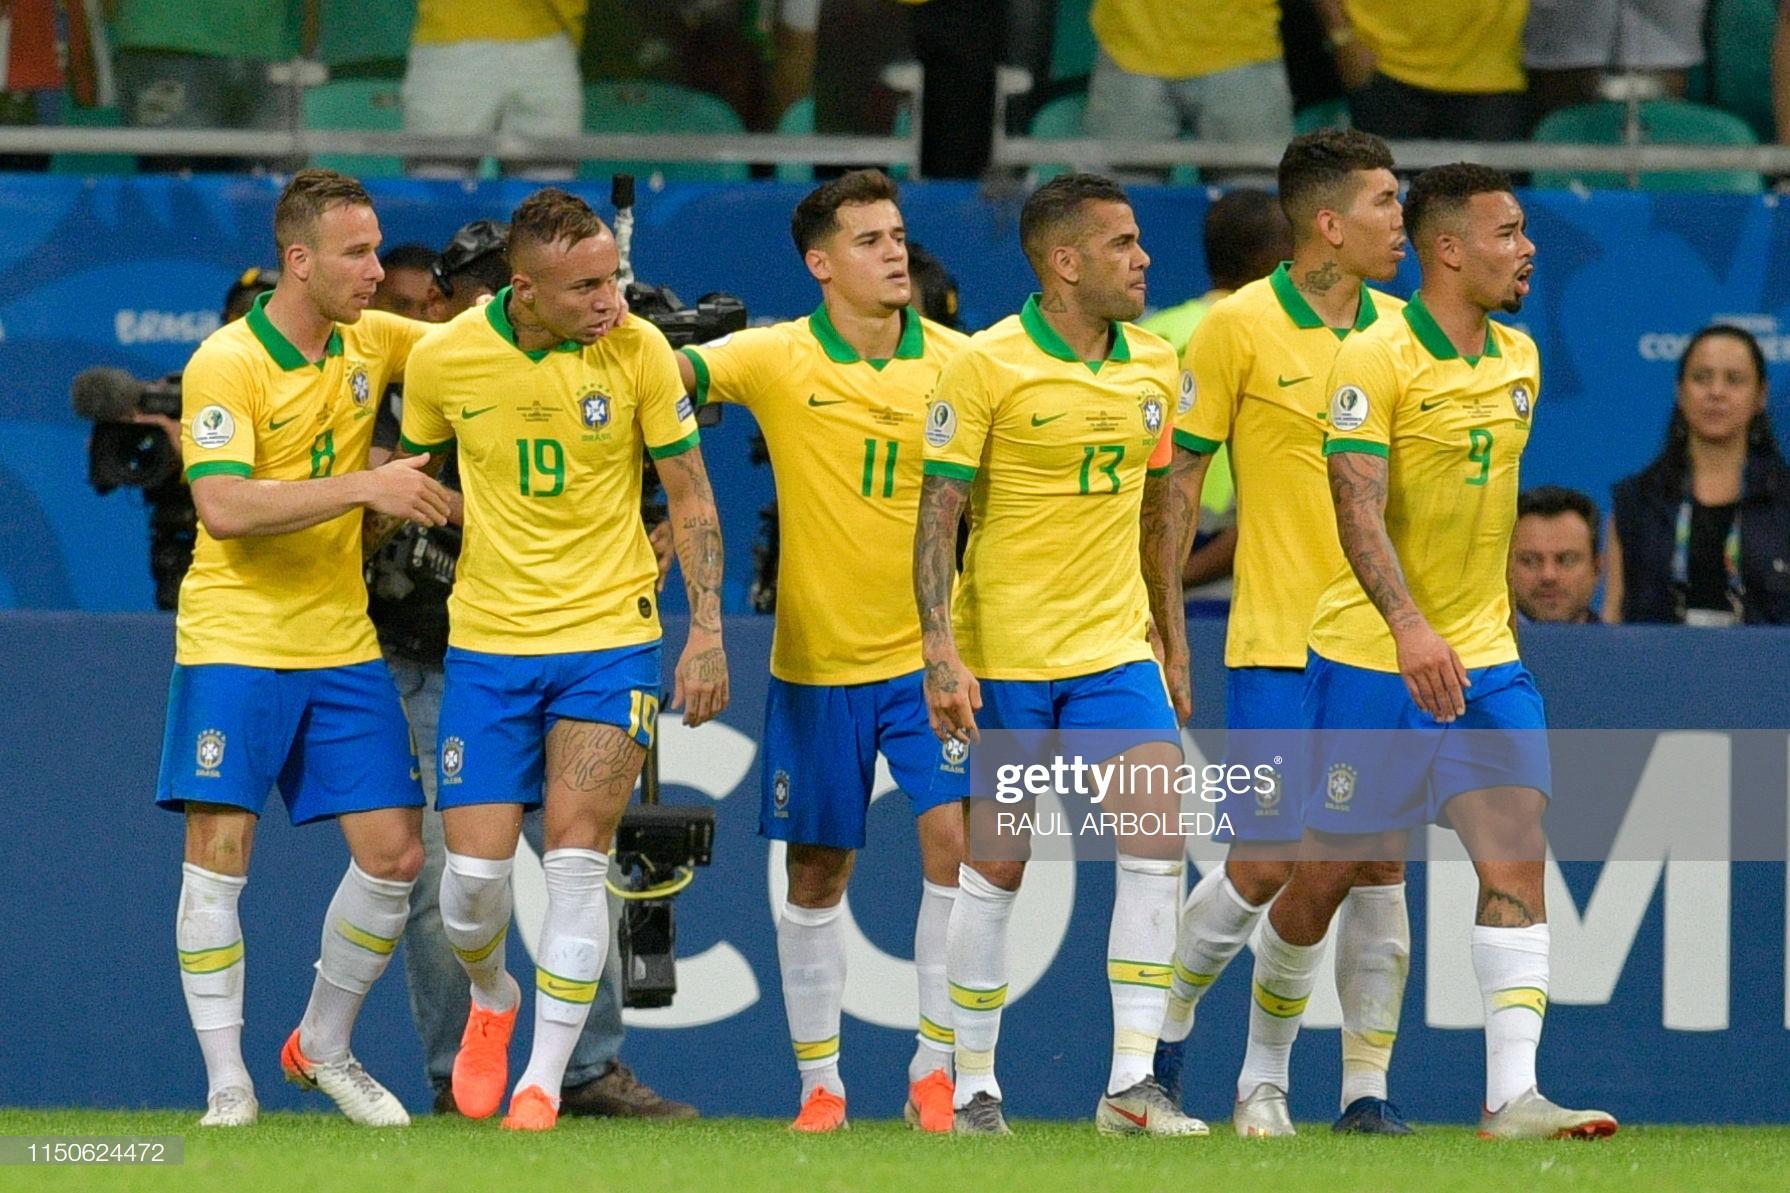 Có đội bóng nào đen đủi hơn tuyển Brazil hôm nay: 3 lần ăn mừng hụt để rồi rời sân trong nỗi thất vọng - Ảnh 9.